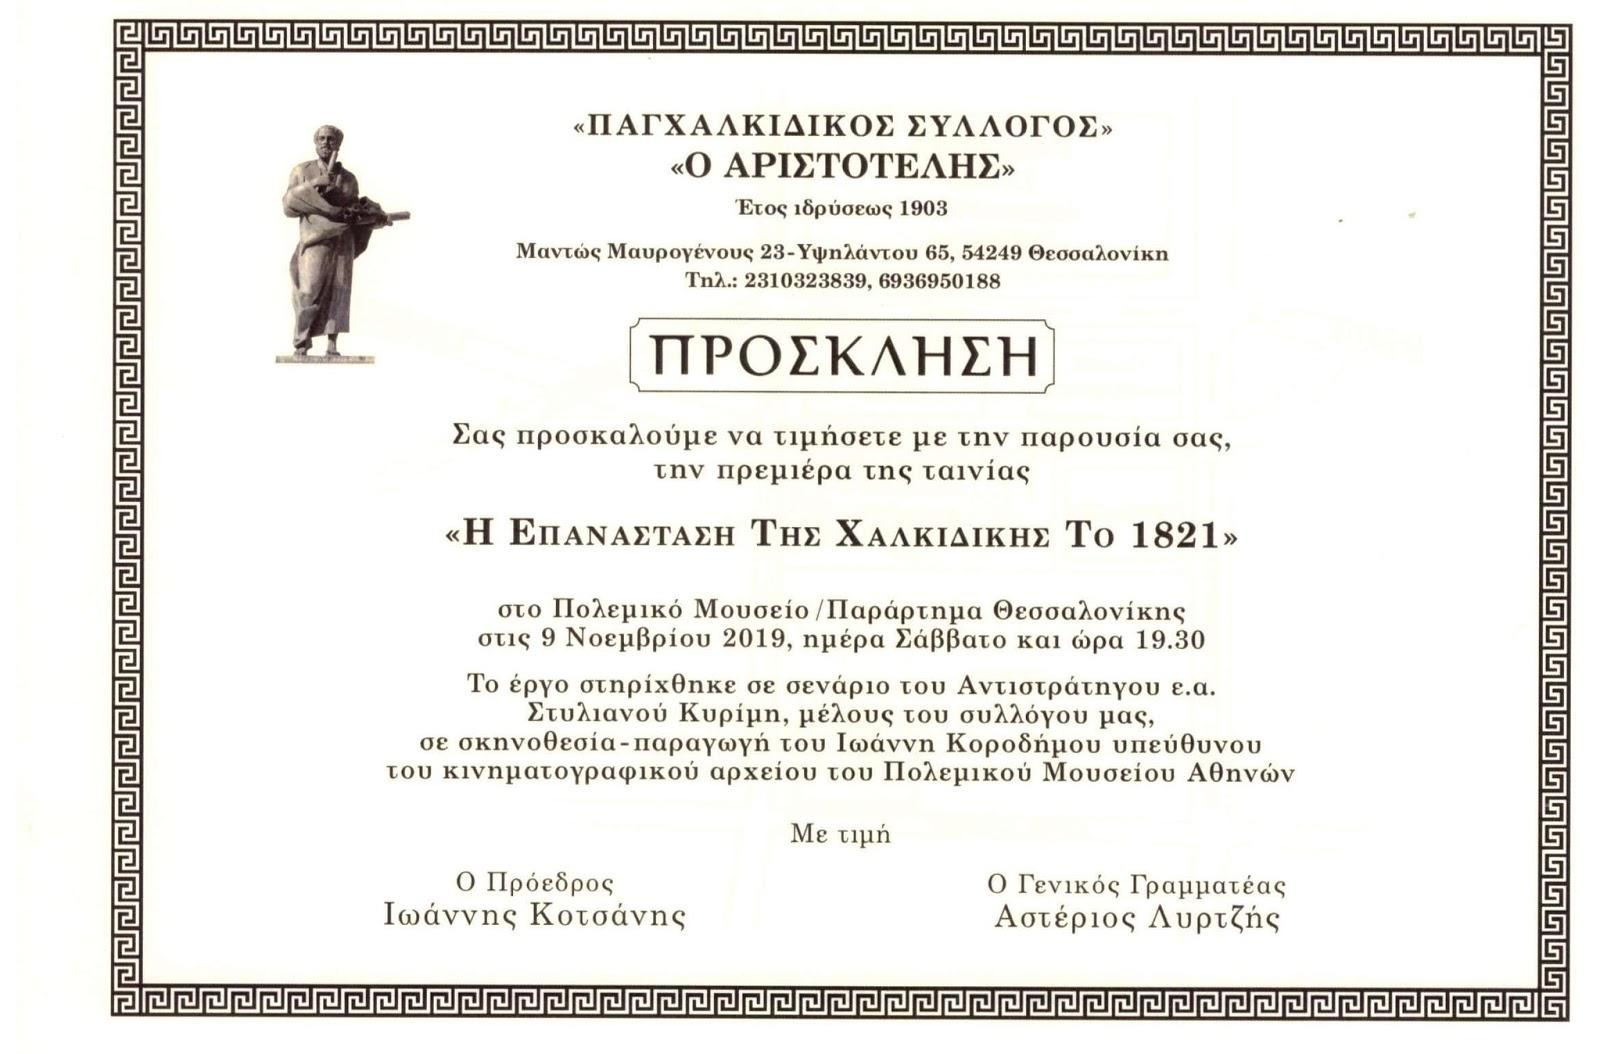 ΠΡΟΒΟΛΗ ΤΑΙΝΙΑΣ ΓΙΑ ΤΗΝ ΕΠΑΝΑΣΤΑΣΗ ΤΗΣ ΧΑΛΚΙΔΙΚΗΣ ΤΟ 1821.